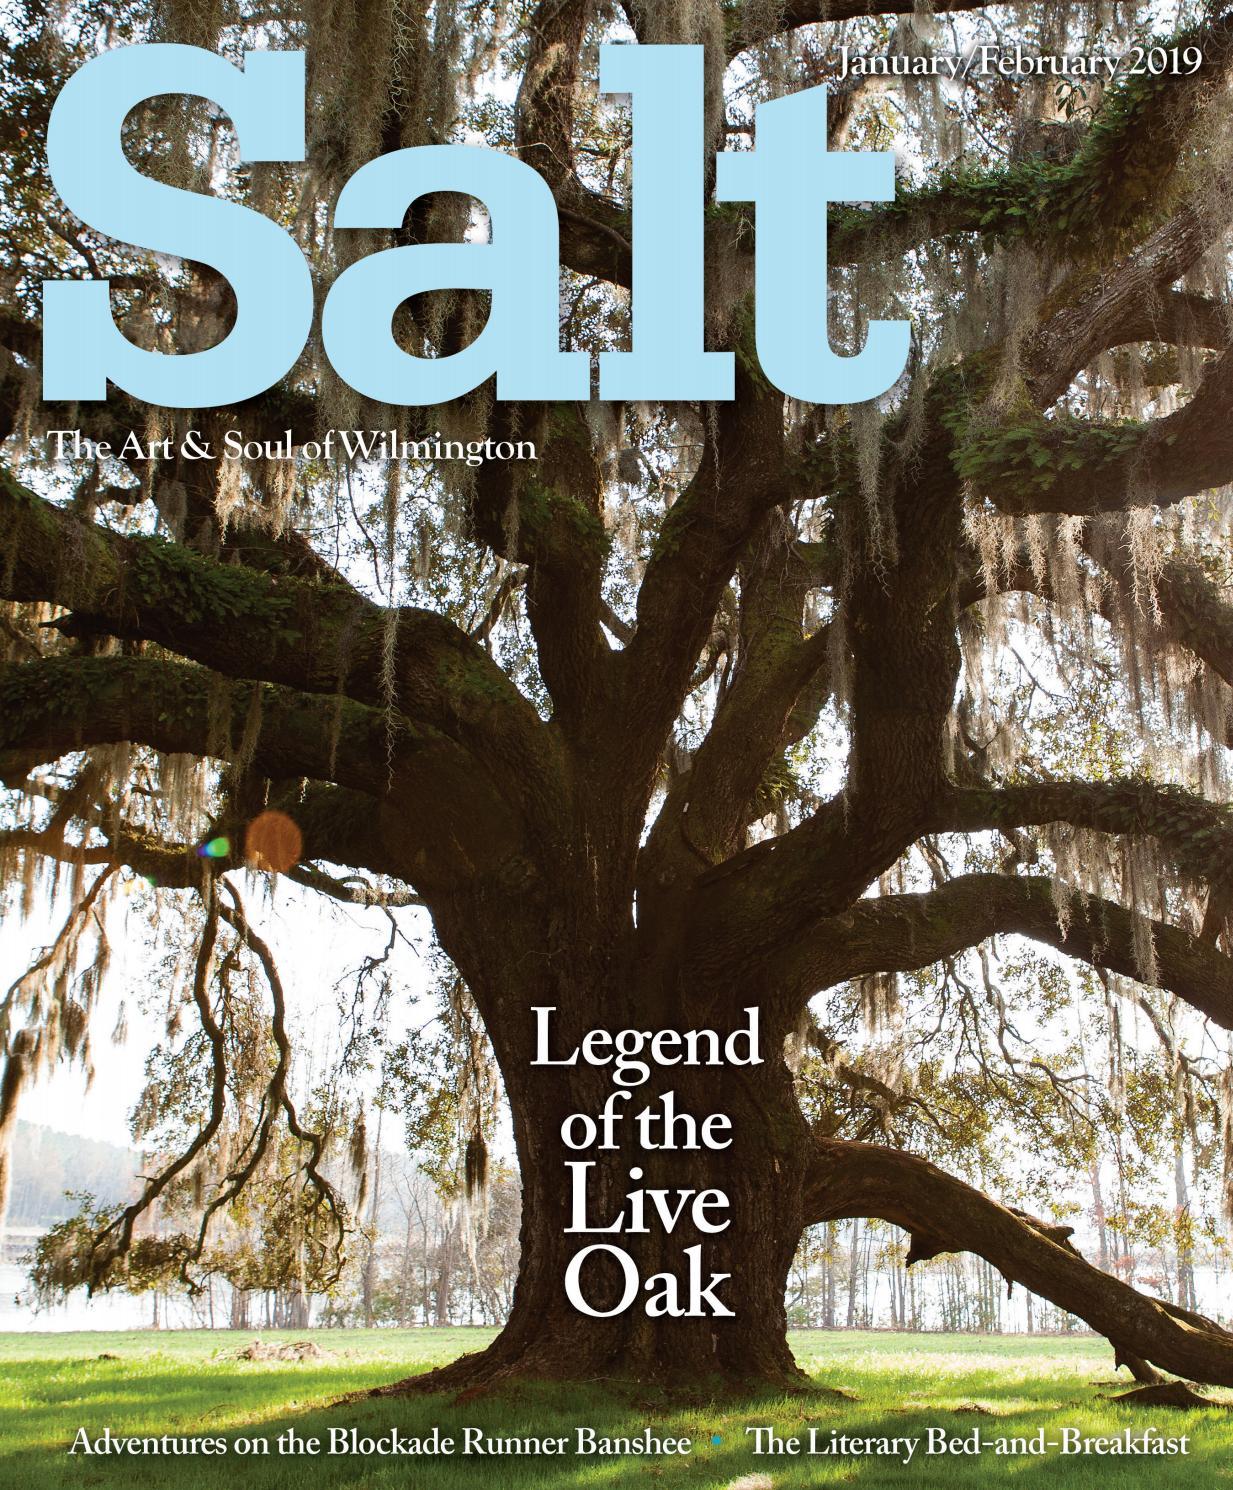 a91779b2ac6 SALT Magazine January February 2019 by Salt - issuu